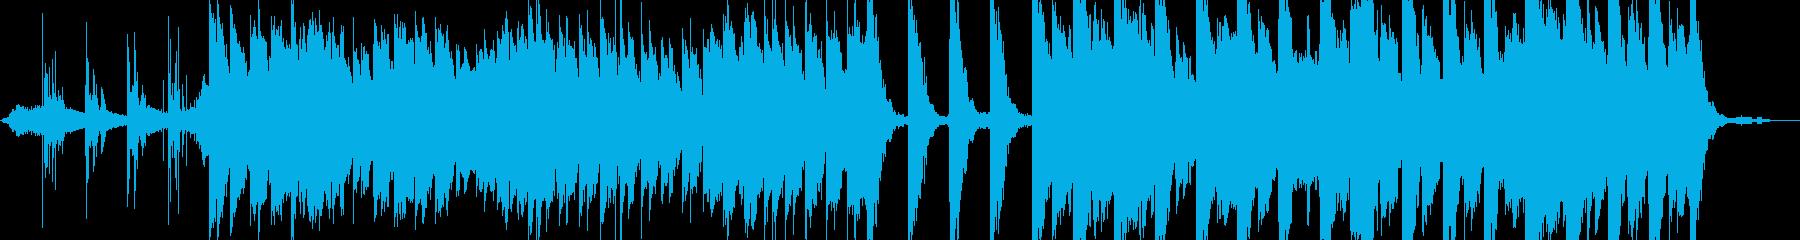 現代的 交響曲 エレクトロ ドラム...の再生済みの波形